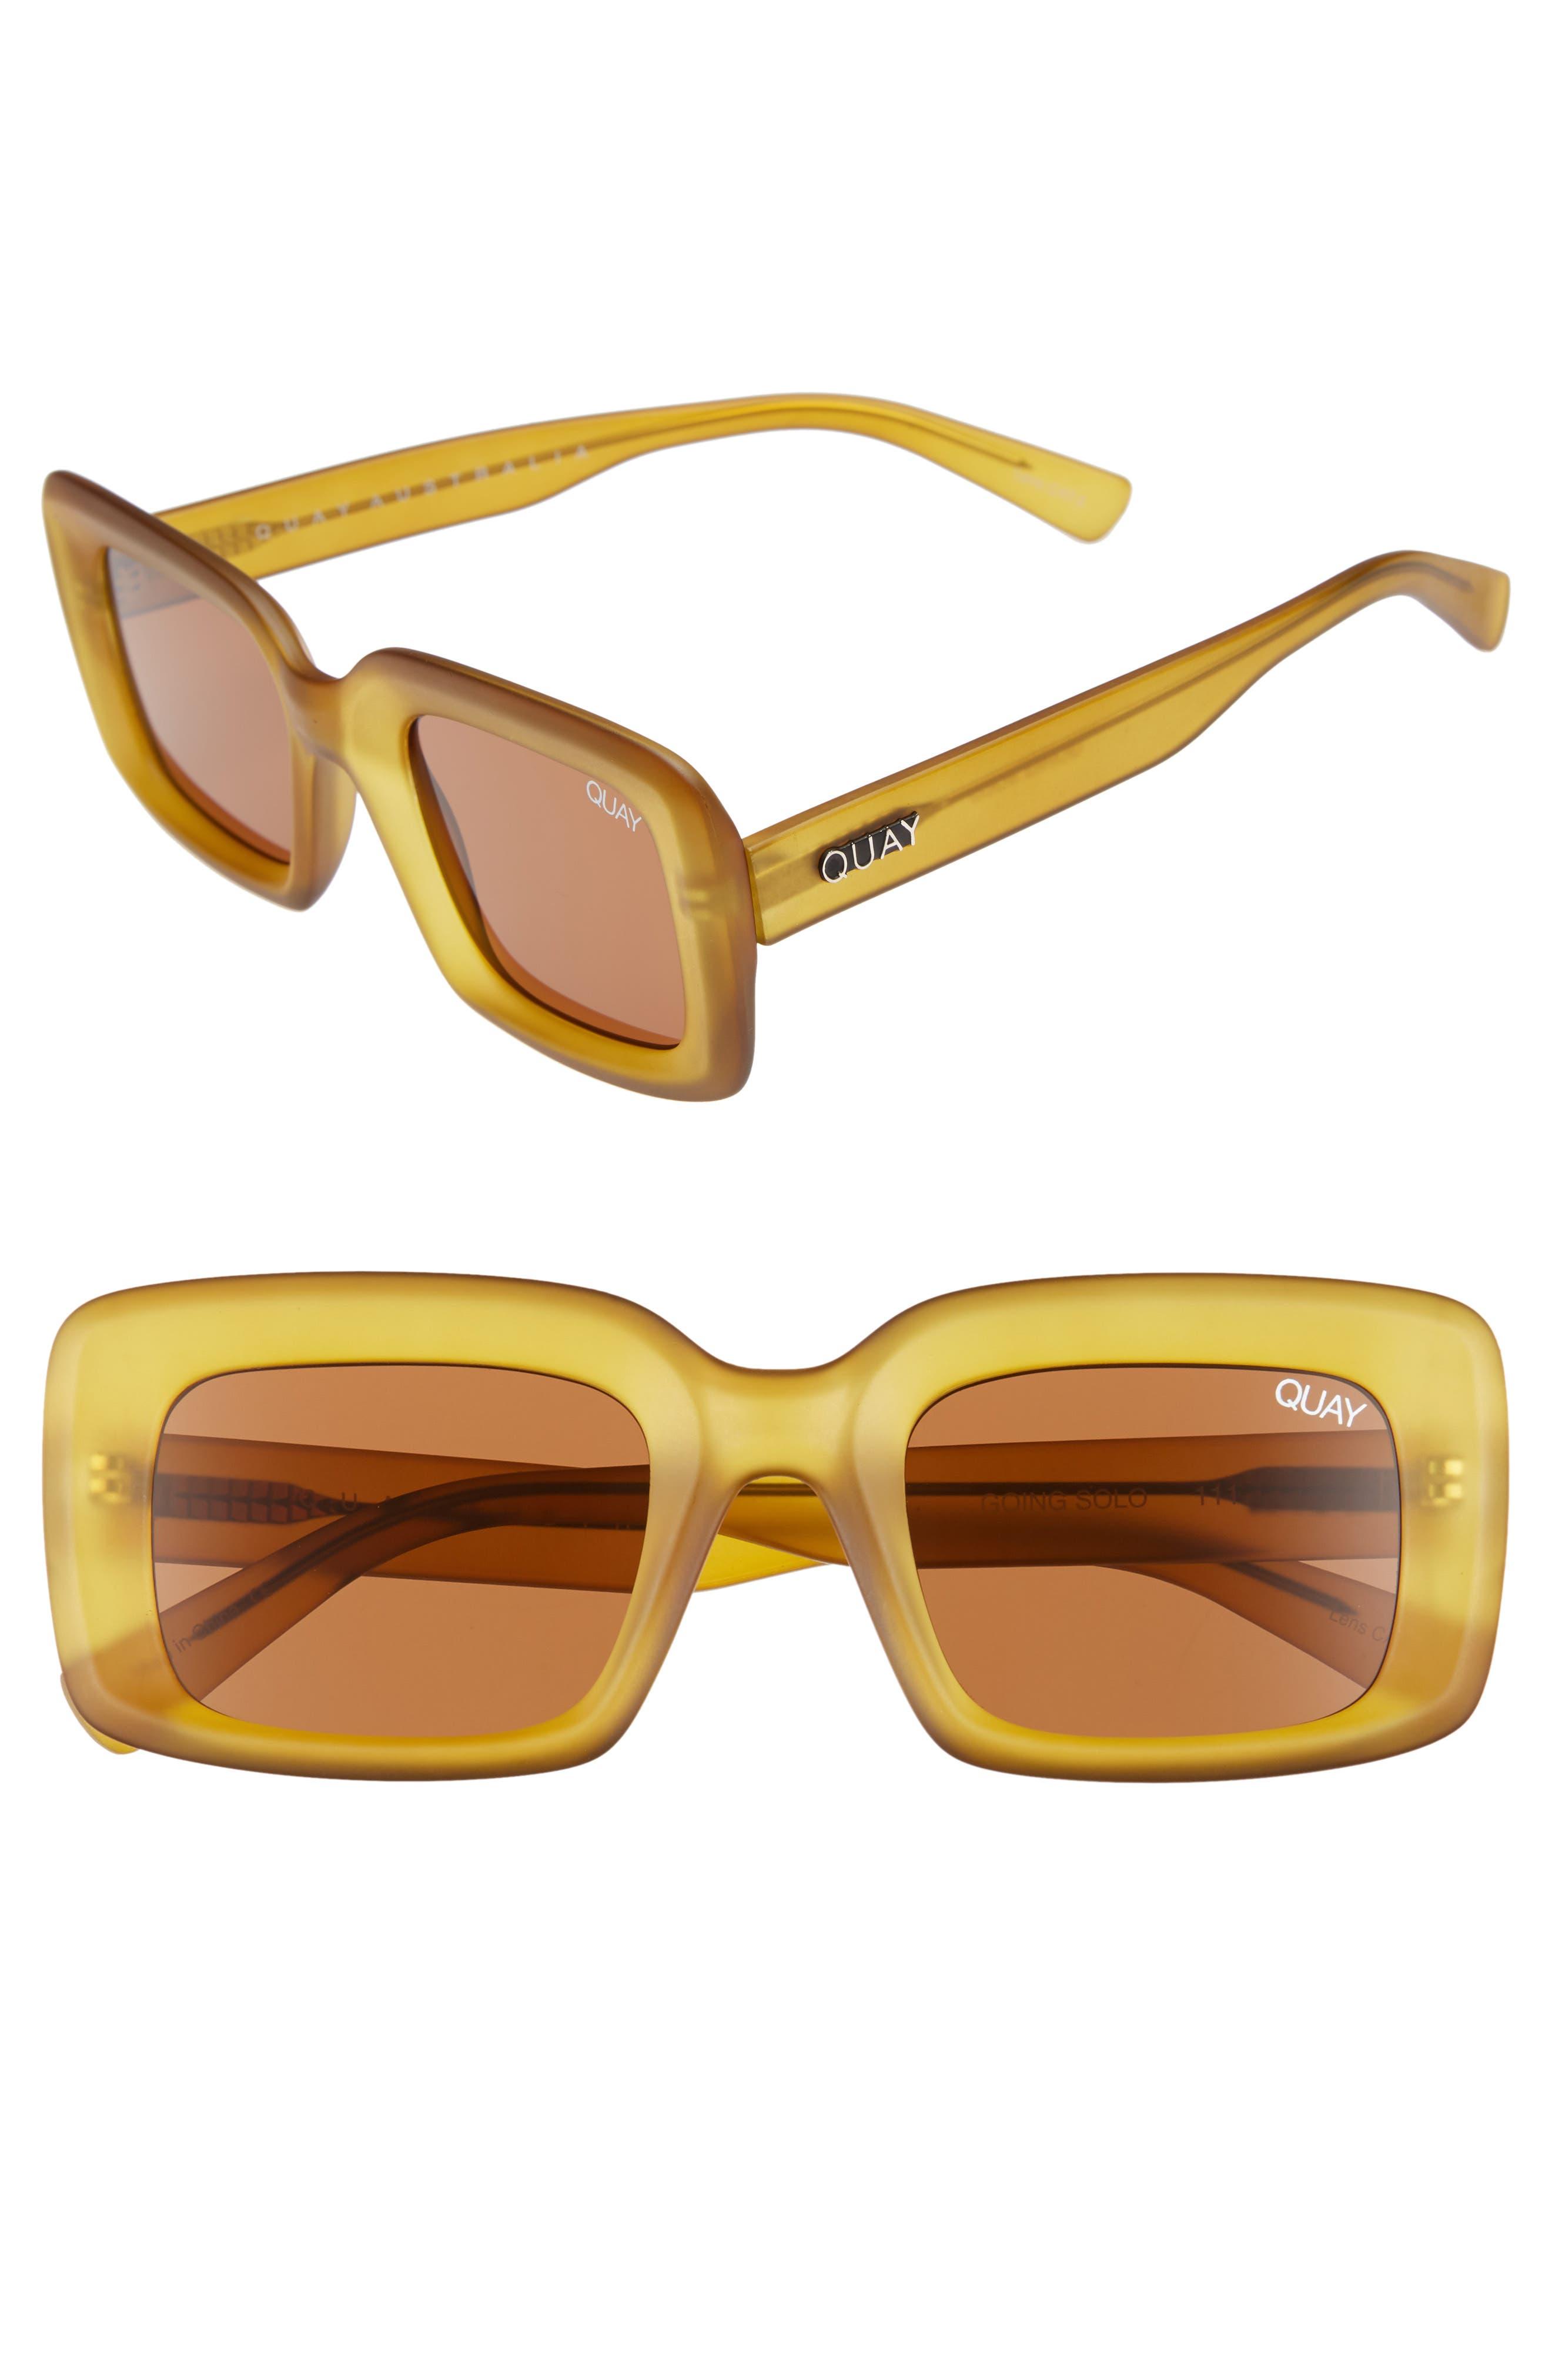 Quay Australia Going Solo 4m Square Sunglasses - Olive/ Brown